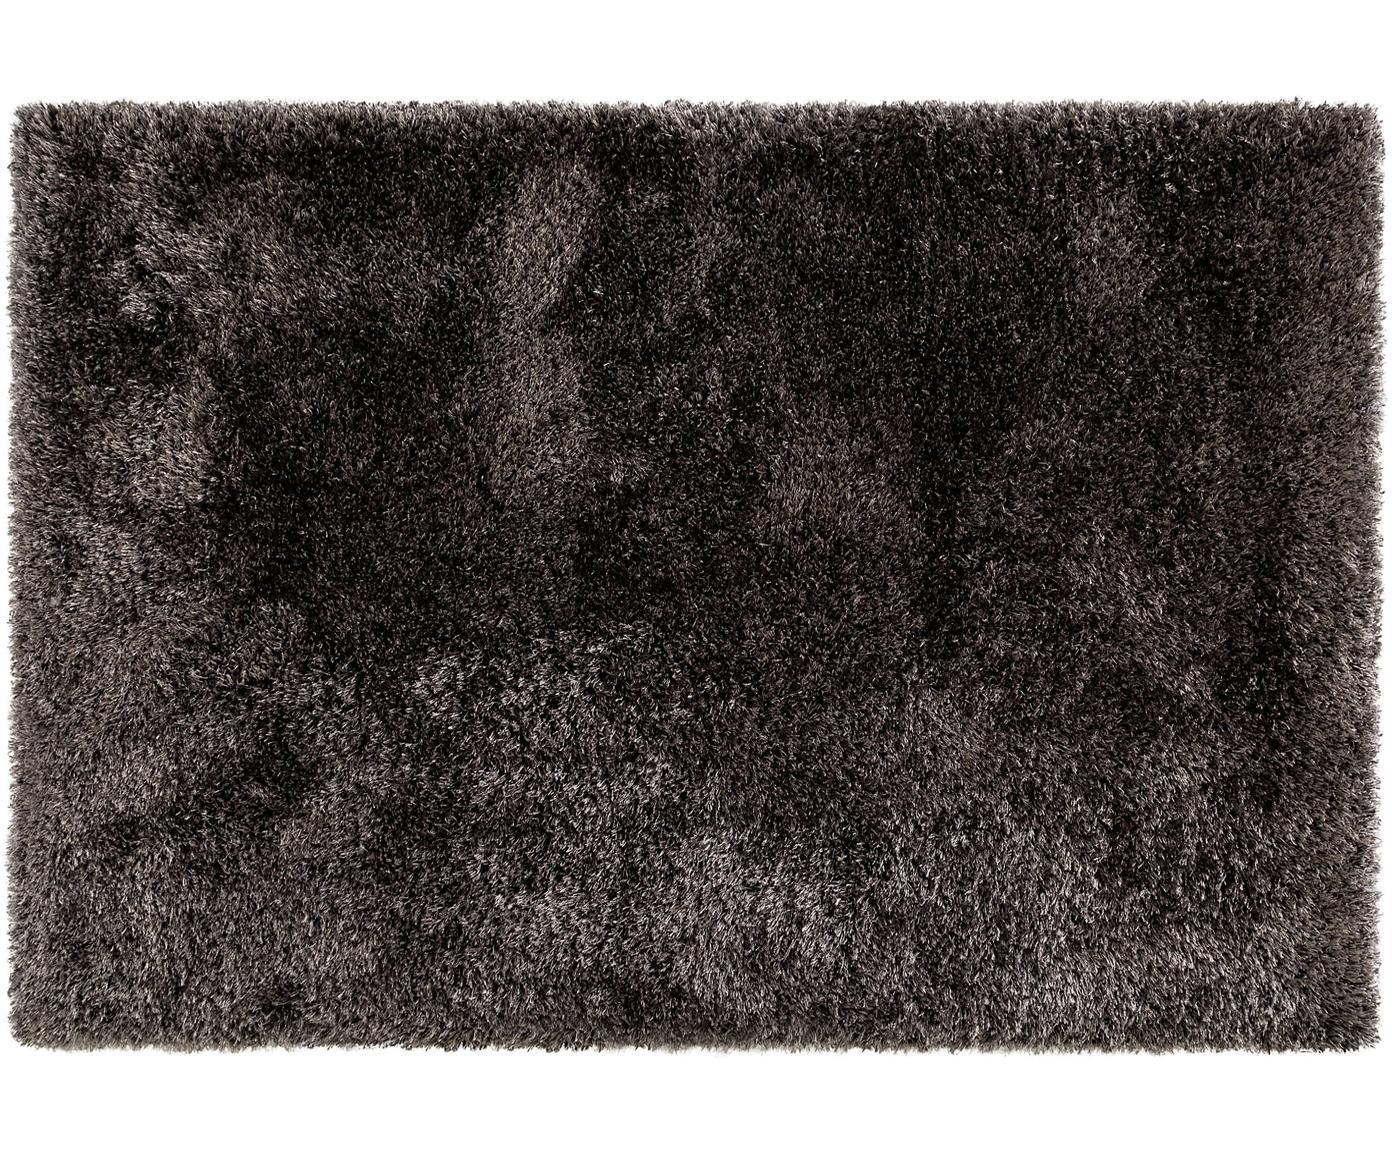 Dywan z wysokim stosem Lea, 50% poliester, 50% polipropylen, Antracytowy, S 140 x D 200 cm (Rozmiar S)